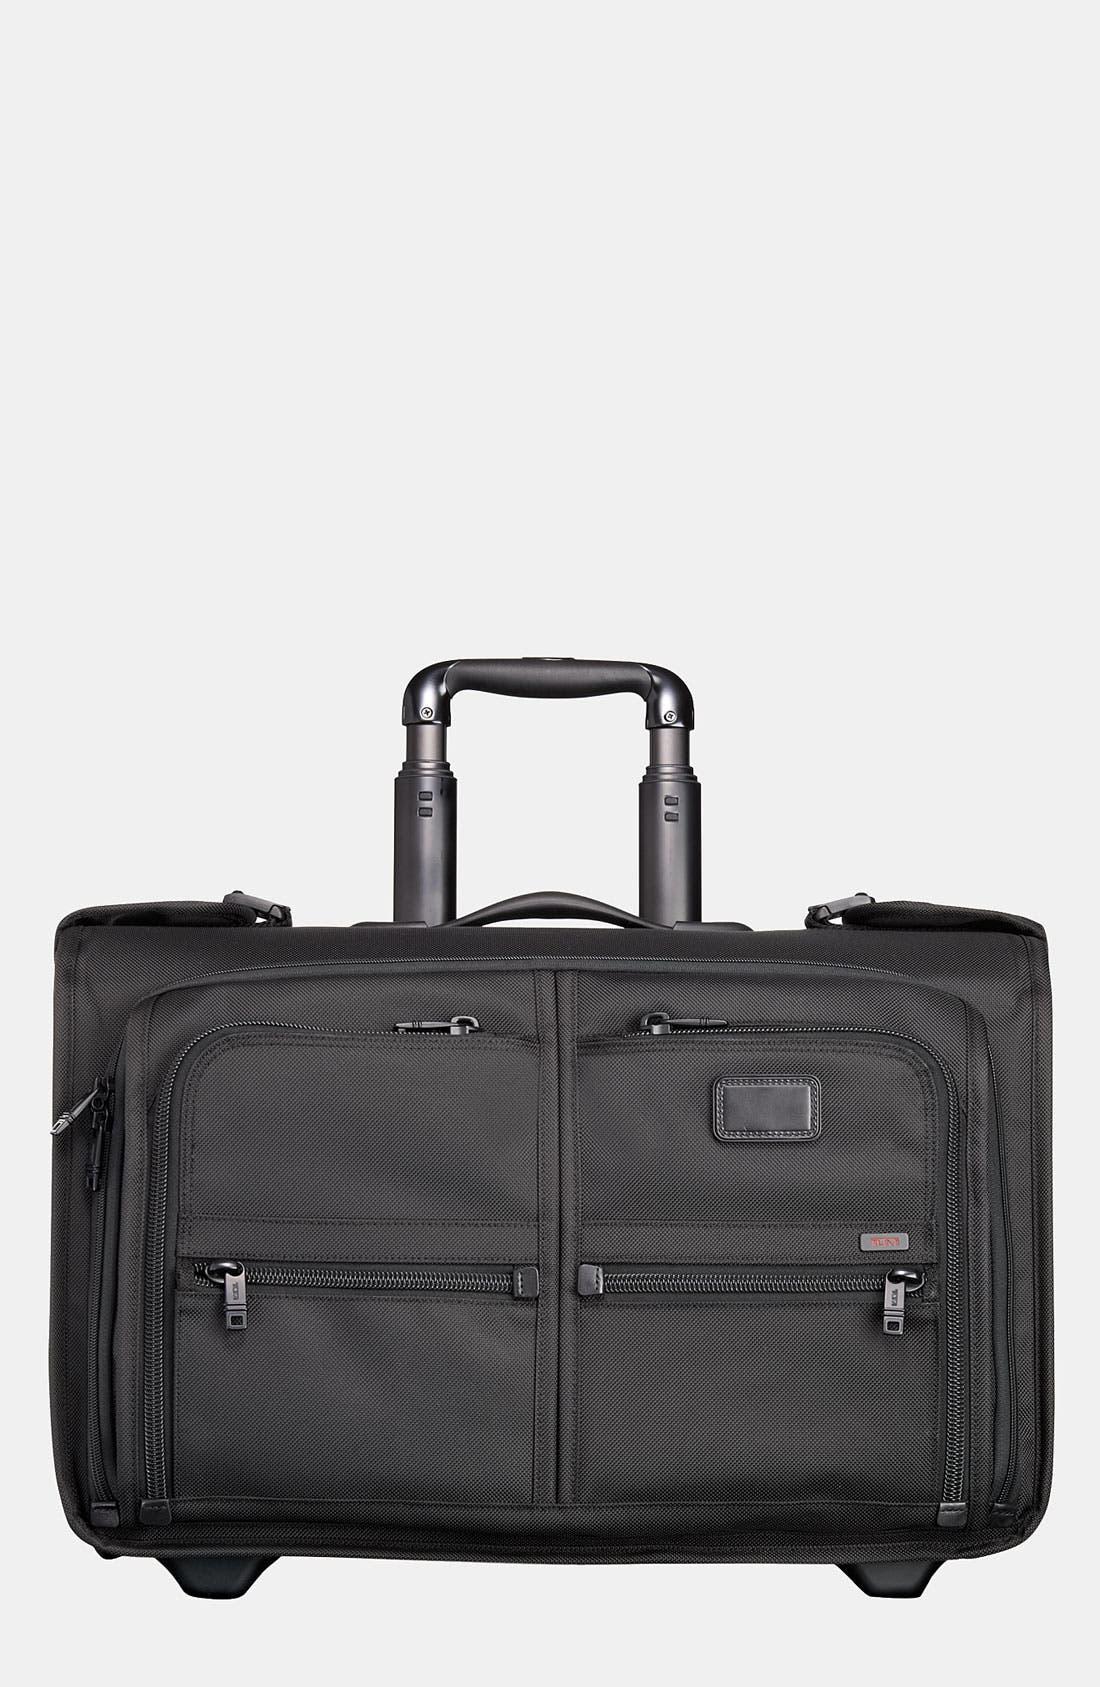 TUMI 'Alpha' Wheeled Carry-On Garment Bag, Main, color, 001